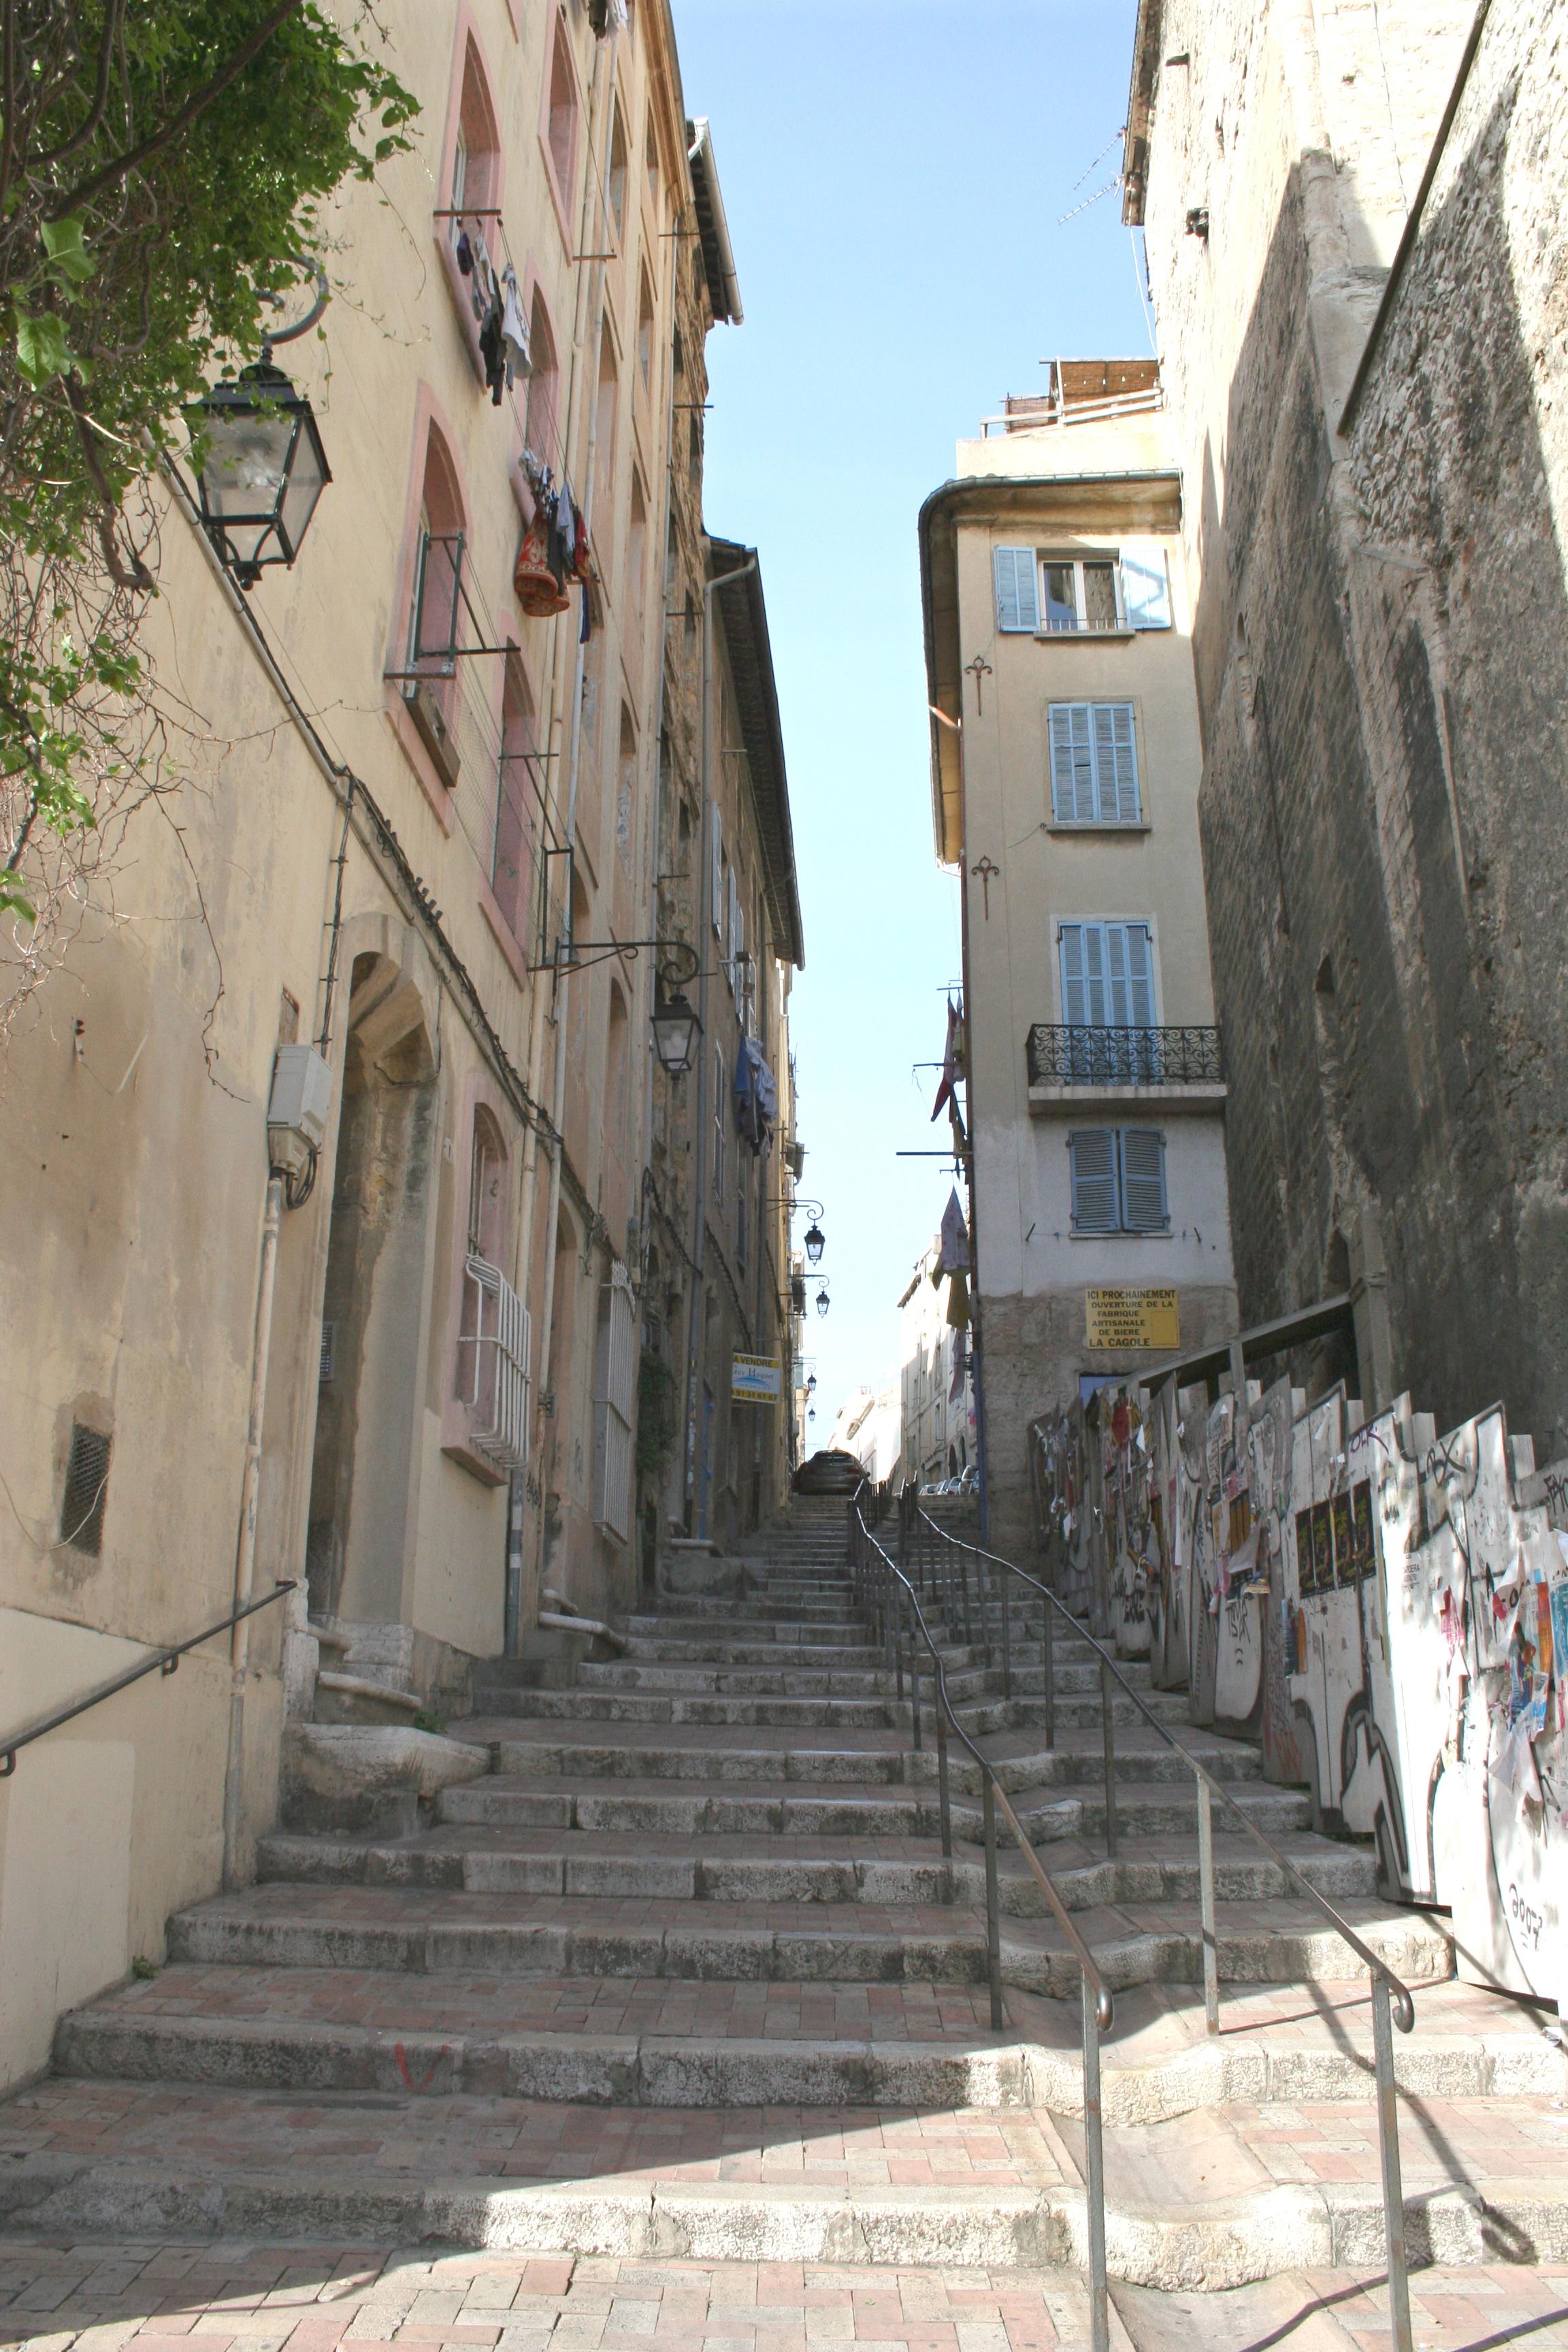 Mont e des accoules - La montee des escaliers ...